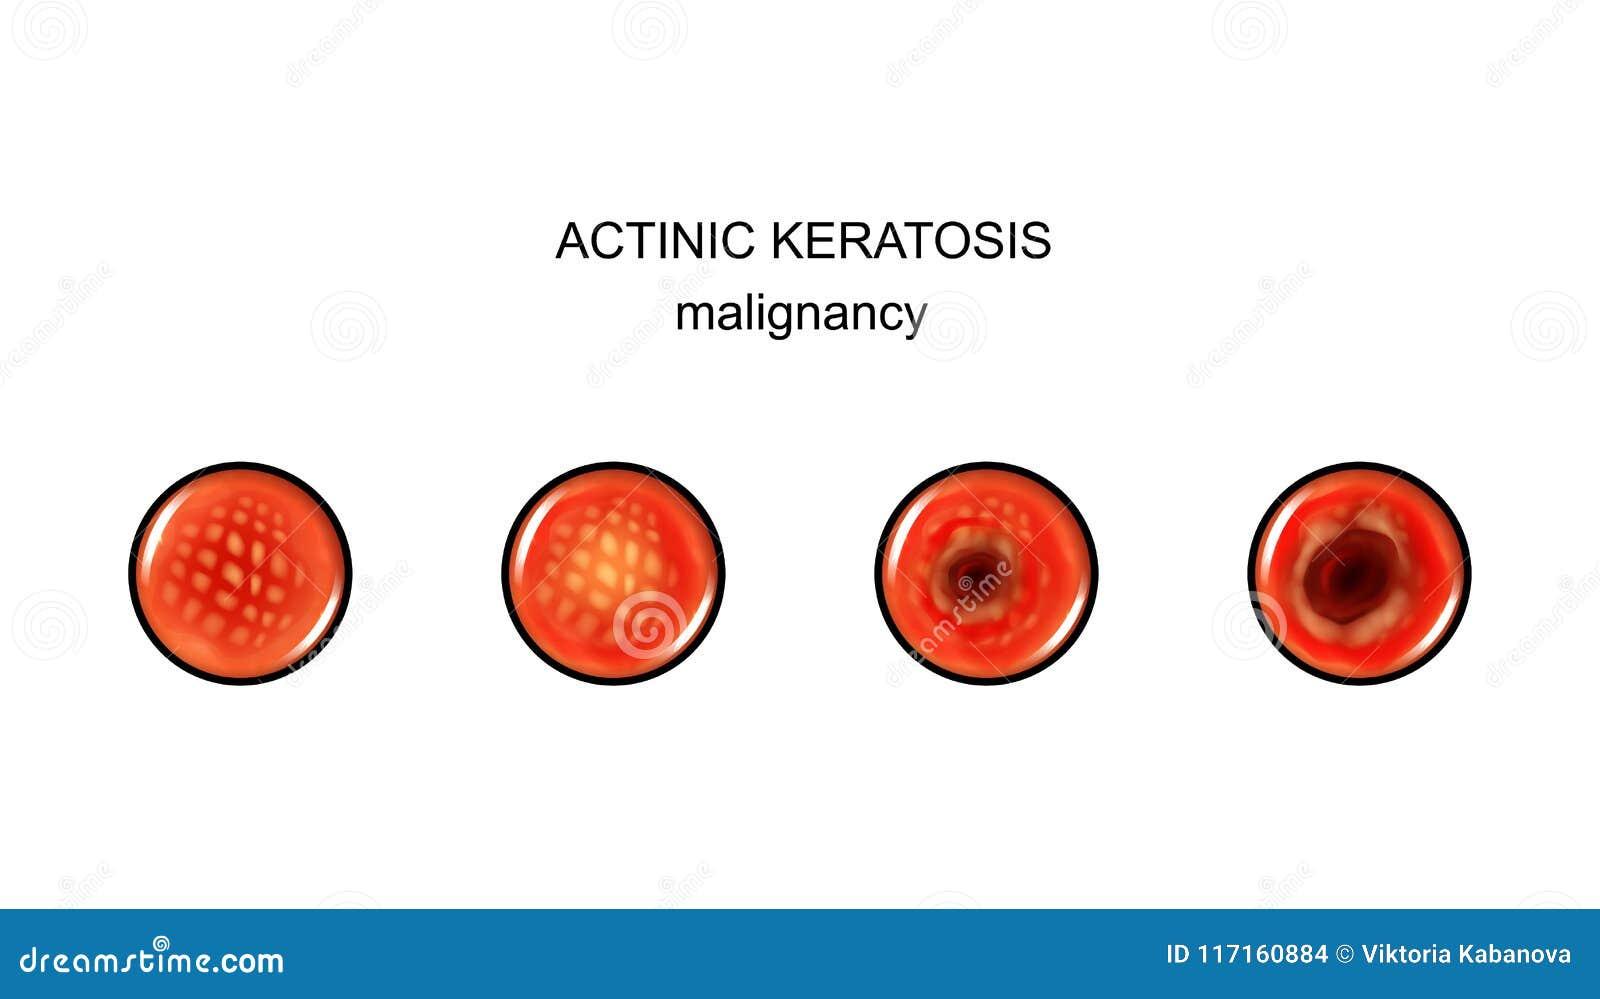 Benign sau malign - care sunt diferentele | kd-group.ro